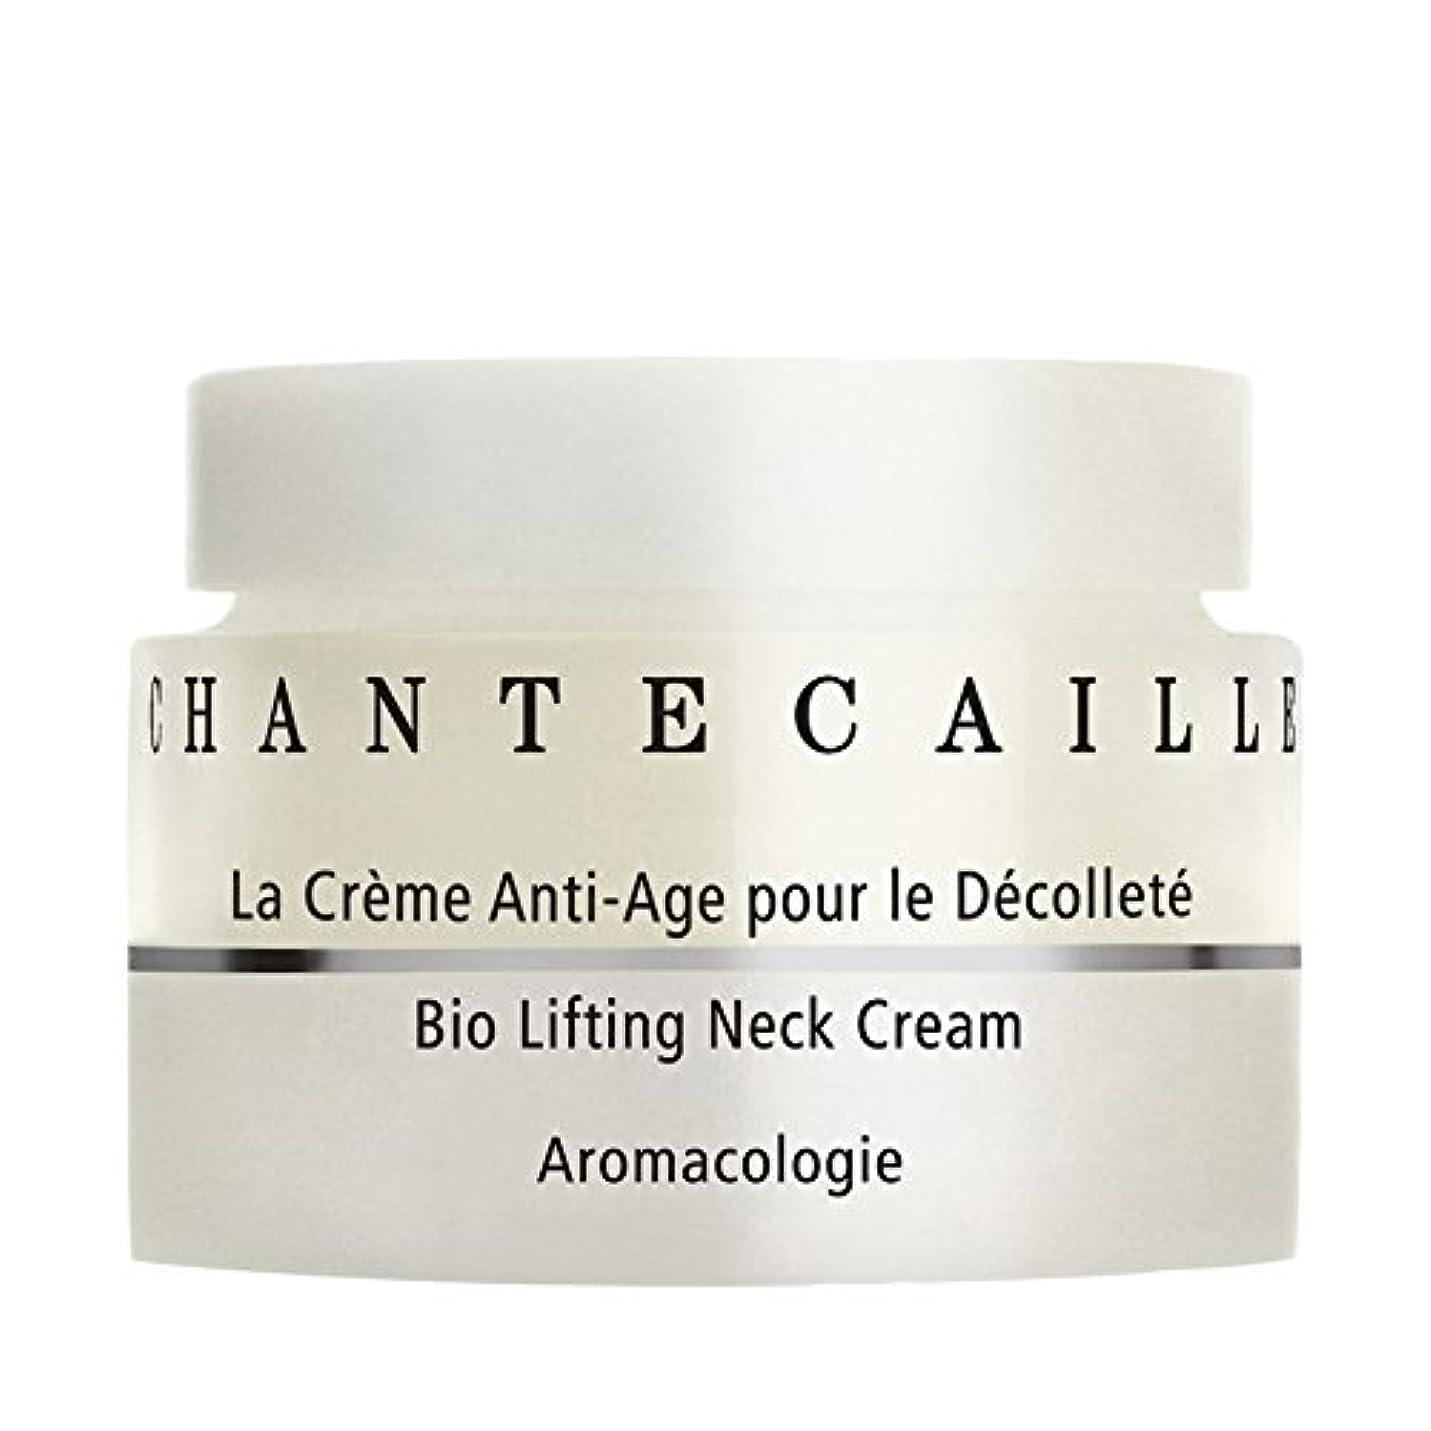 持続する一節フェードChantecaille Biodynamic Lifting Neck Cream, Chantecaille (Pack of 6) - シャンテカイユバイオダイナミックリフティングネッククリーム、シャンテカイユ x6...